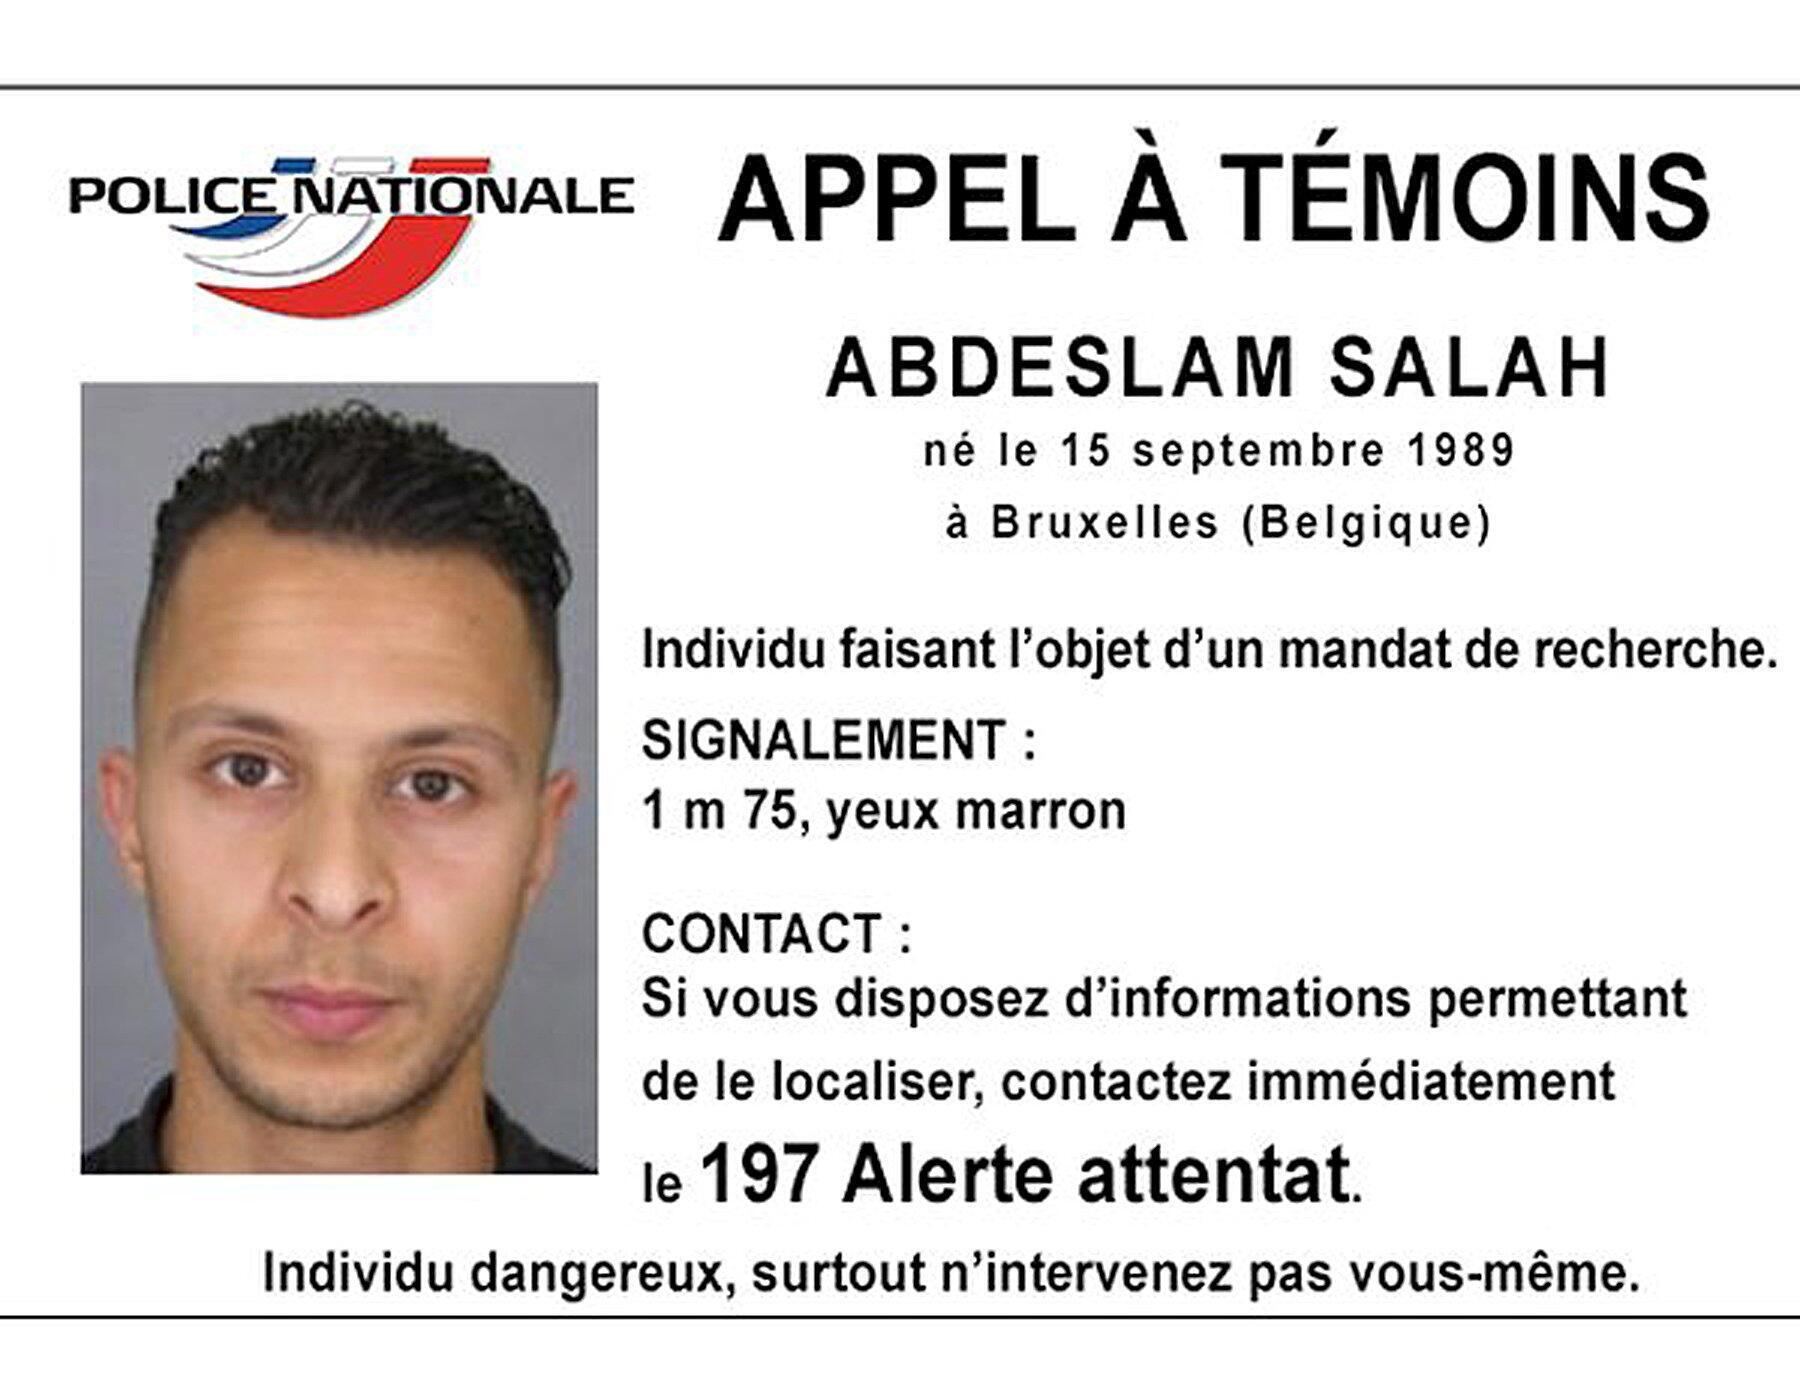 Abdeslam Salah, de 26 anos, continua sendo procurado pela polícia.